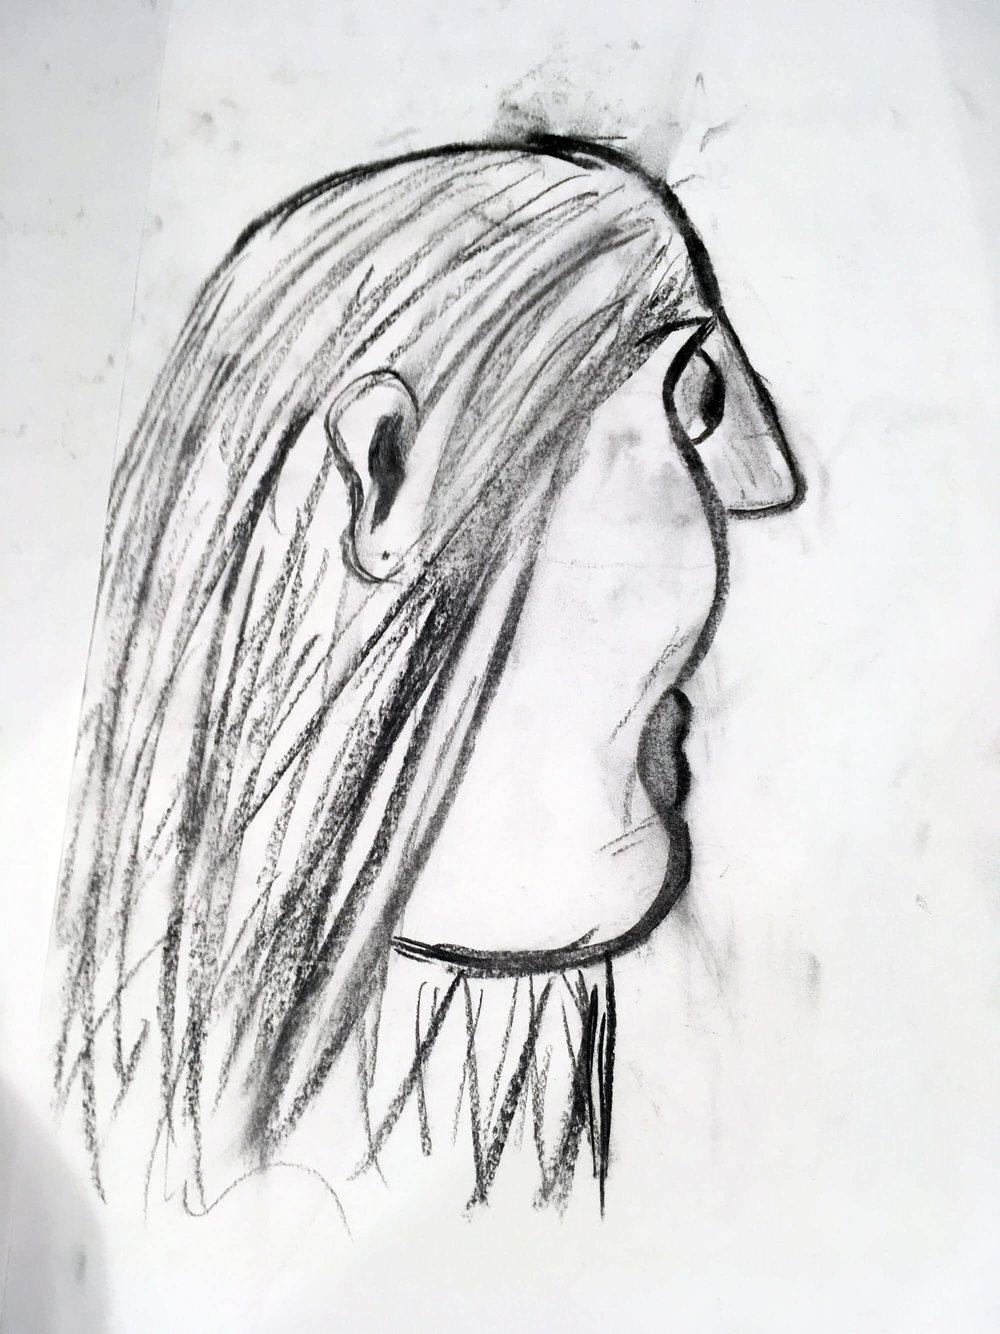 Aruna, aged 9